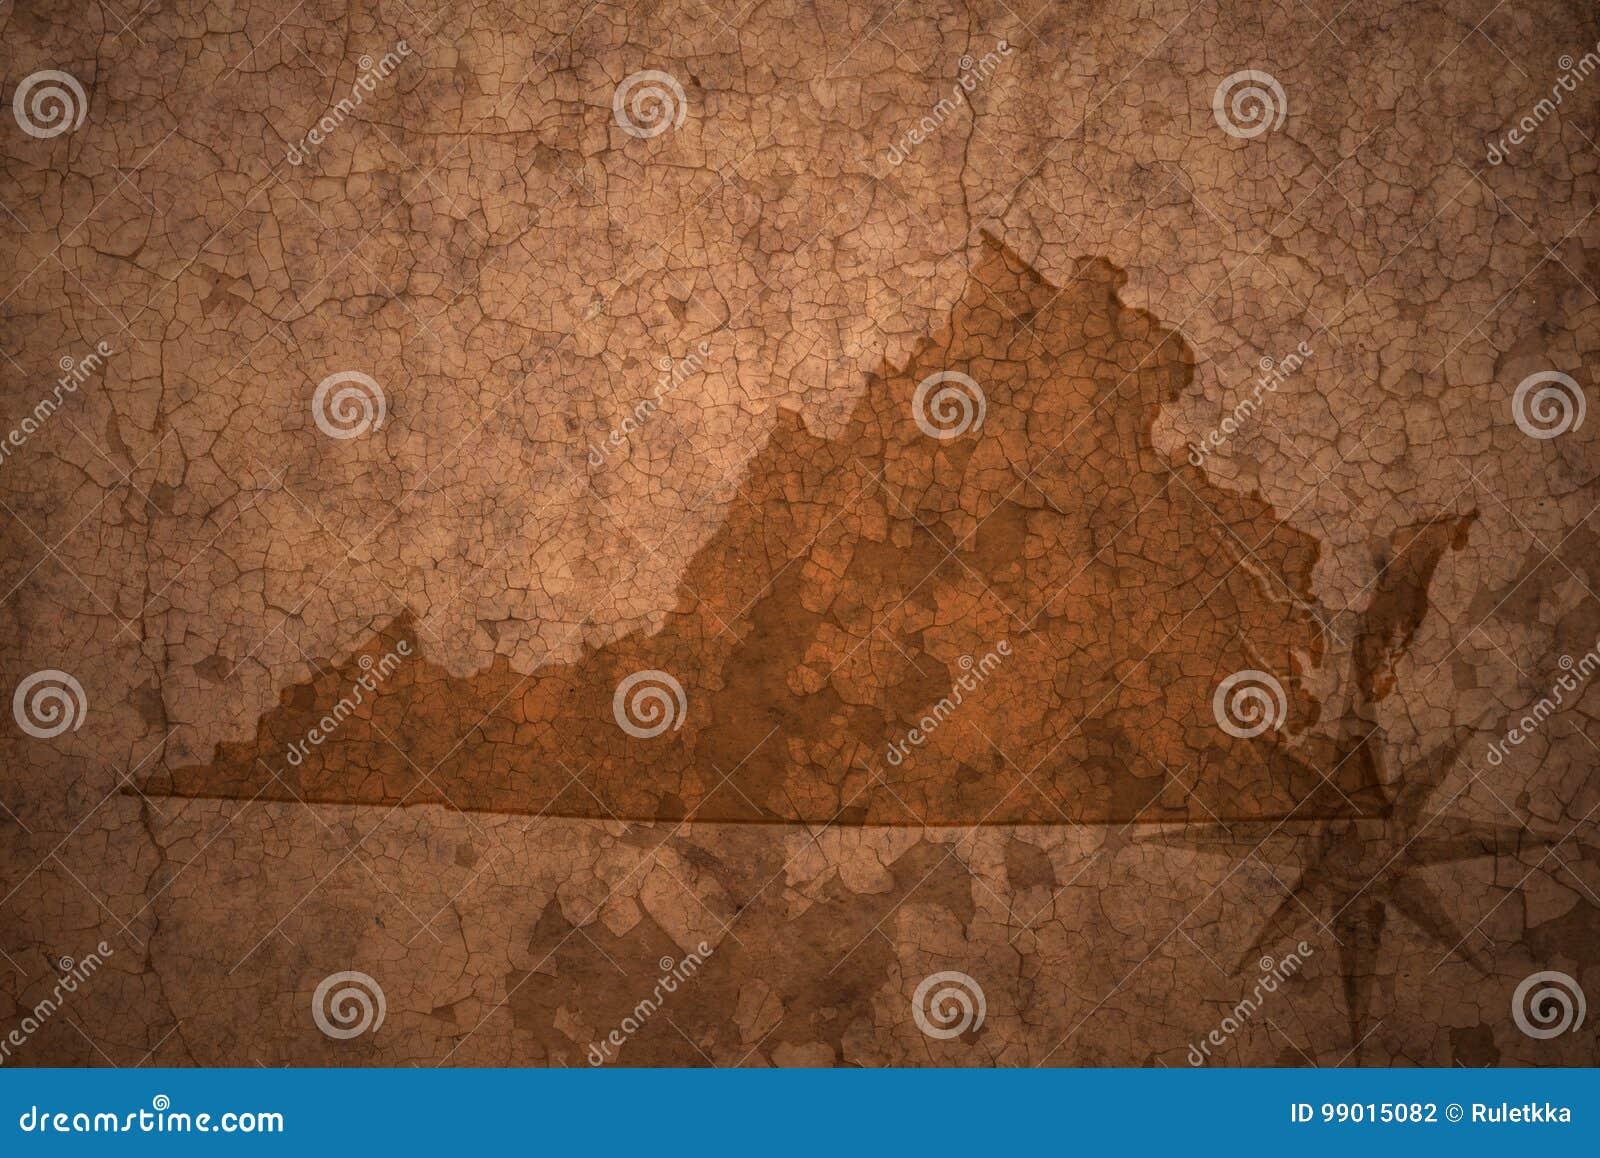 Карта положения Вирджинии на старой винтажной бумажной предпосылке